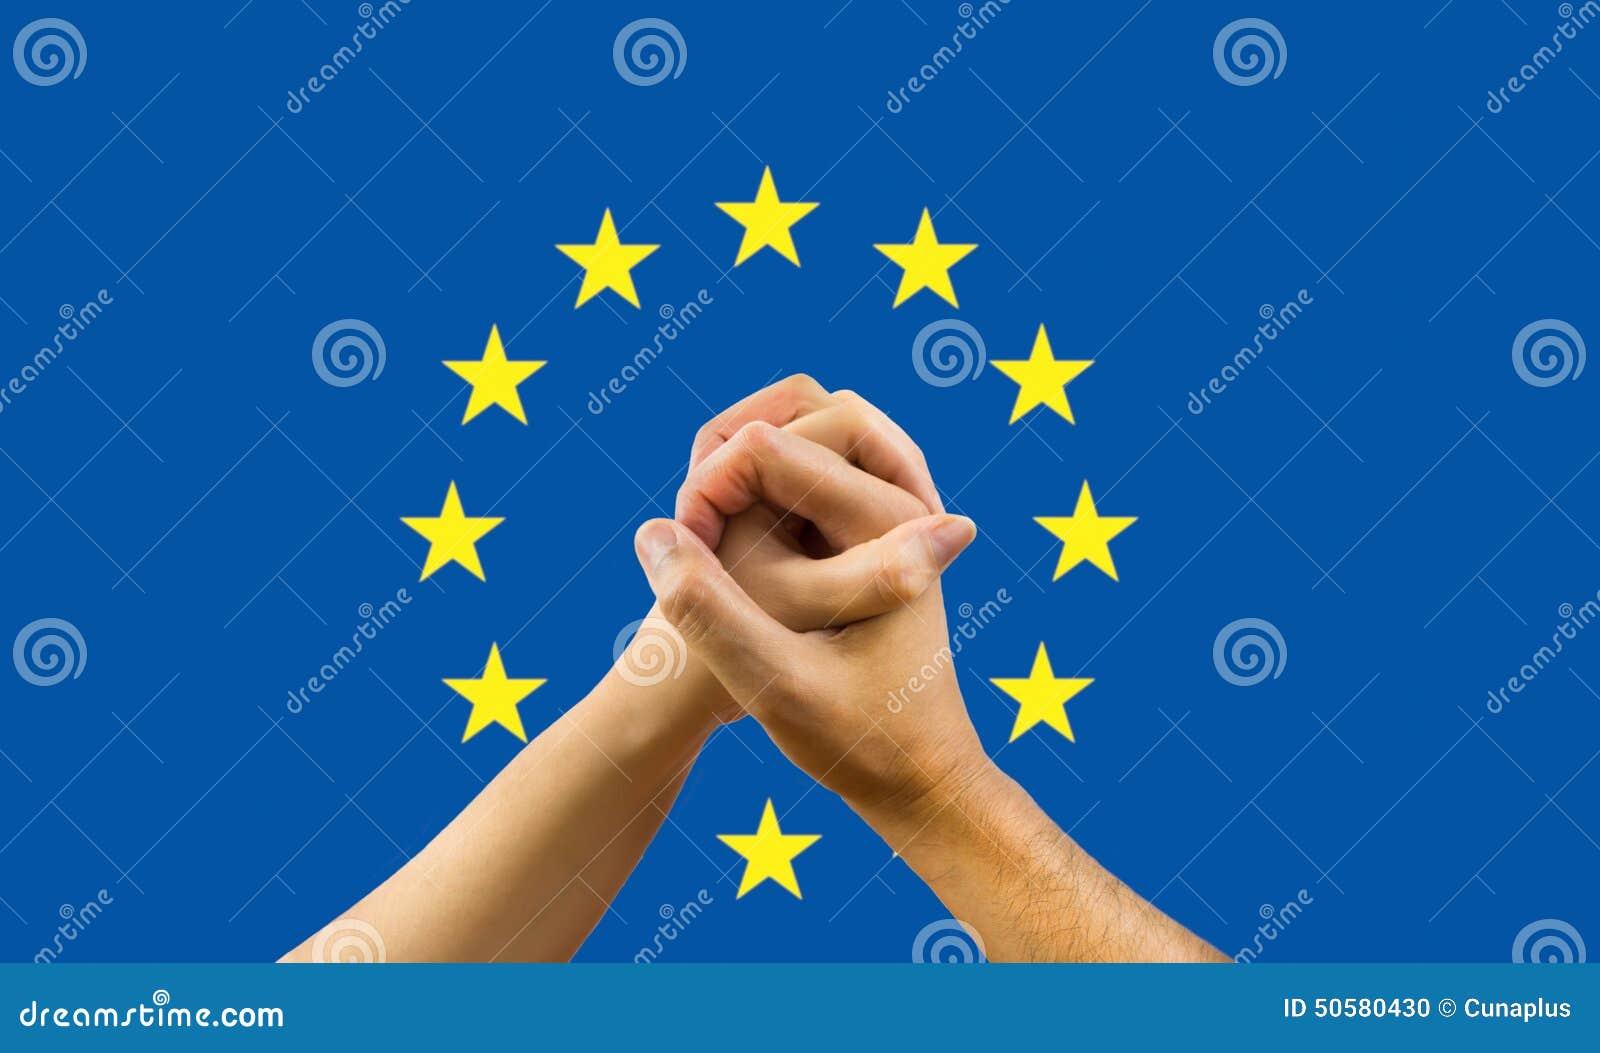 Enhet i Europa